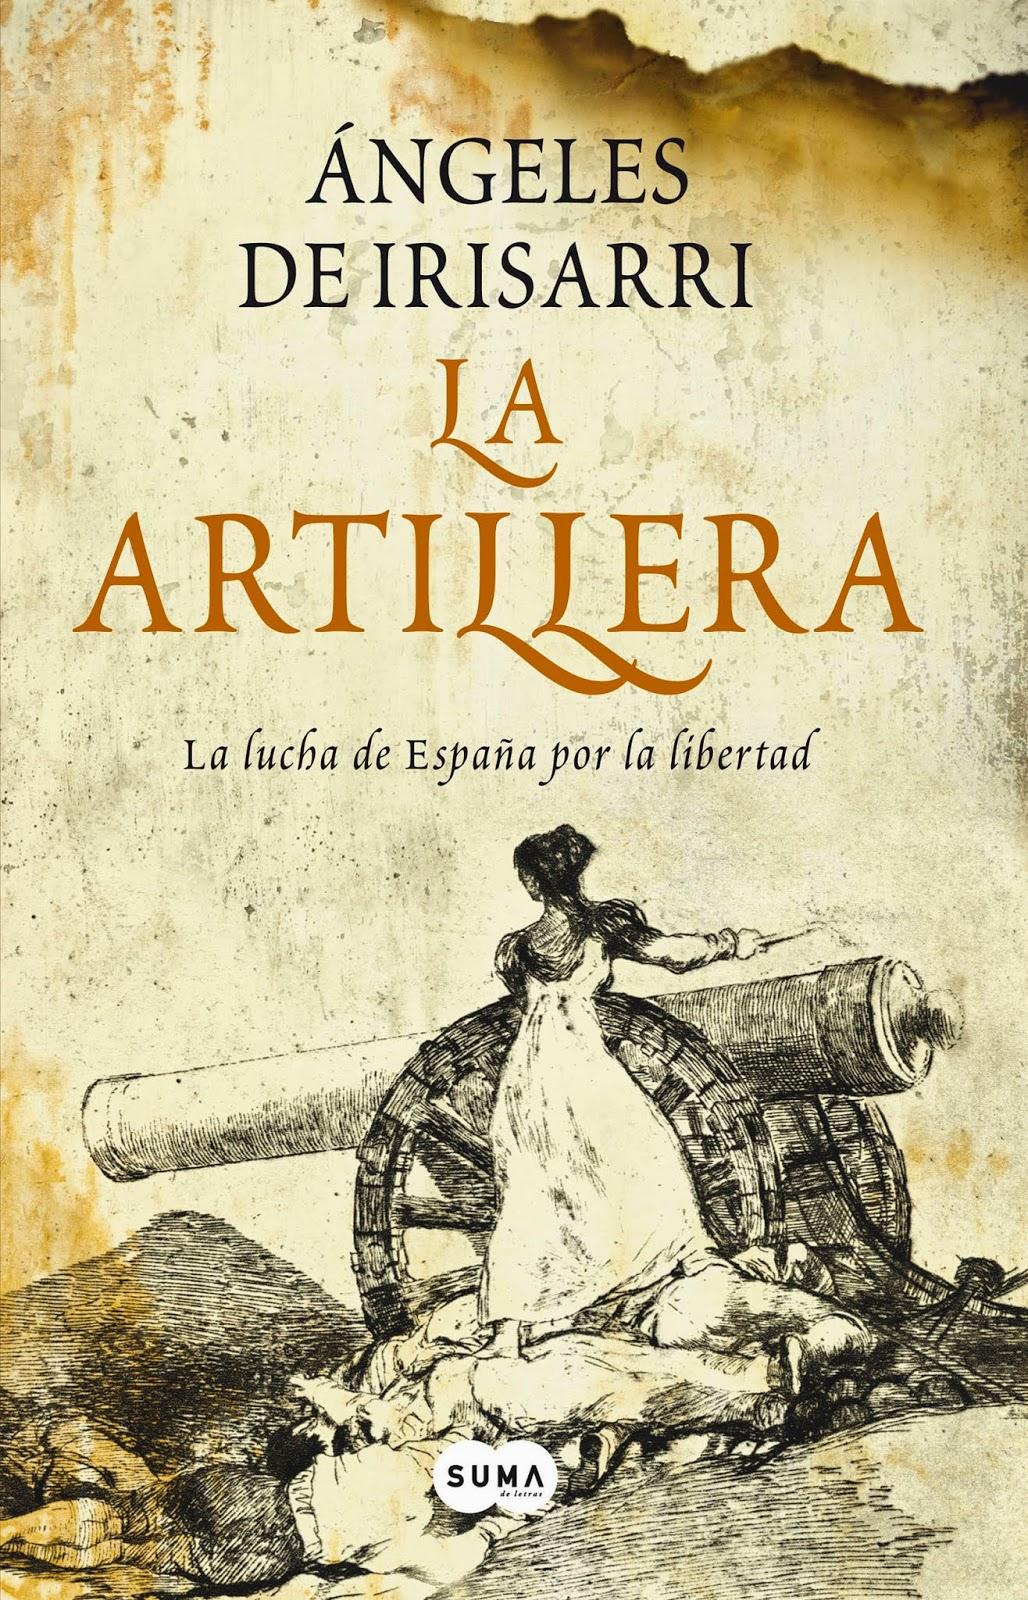 La artillera - Ángeles de Irisarri (2008)